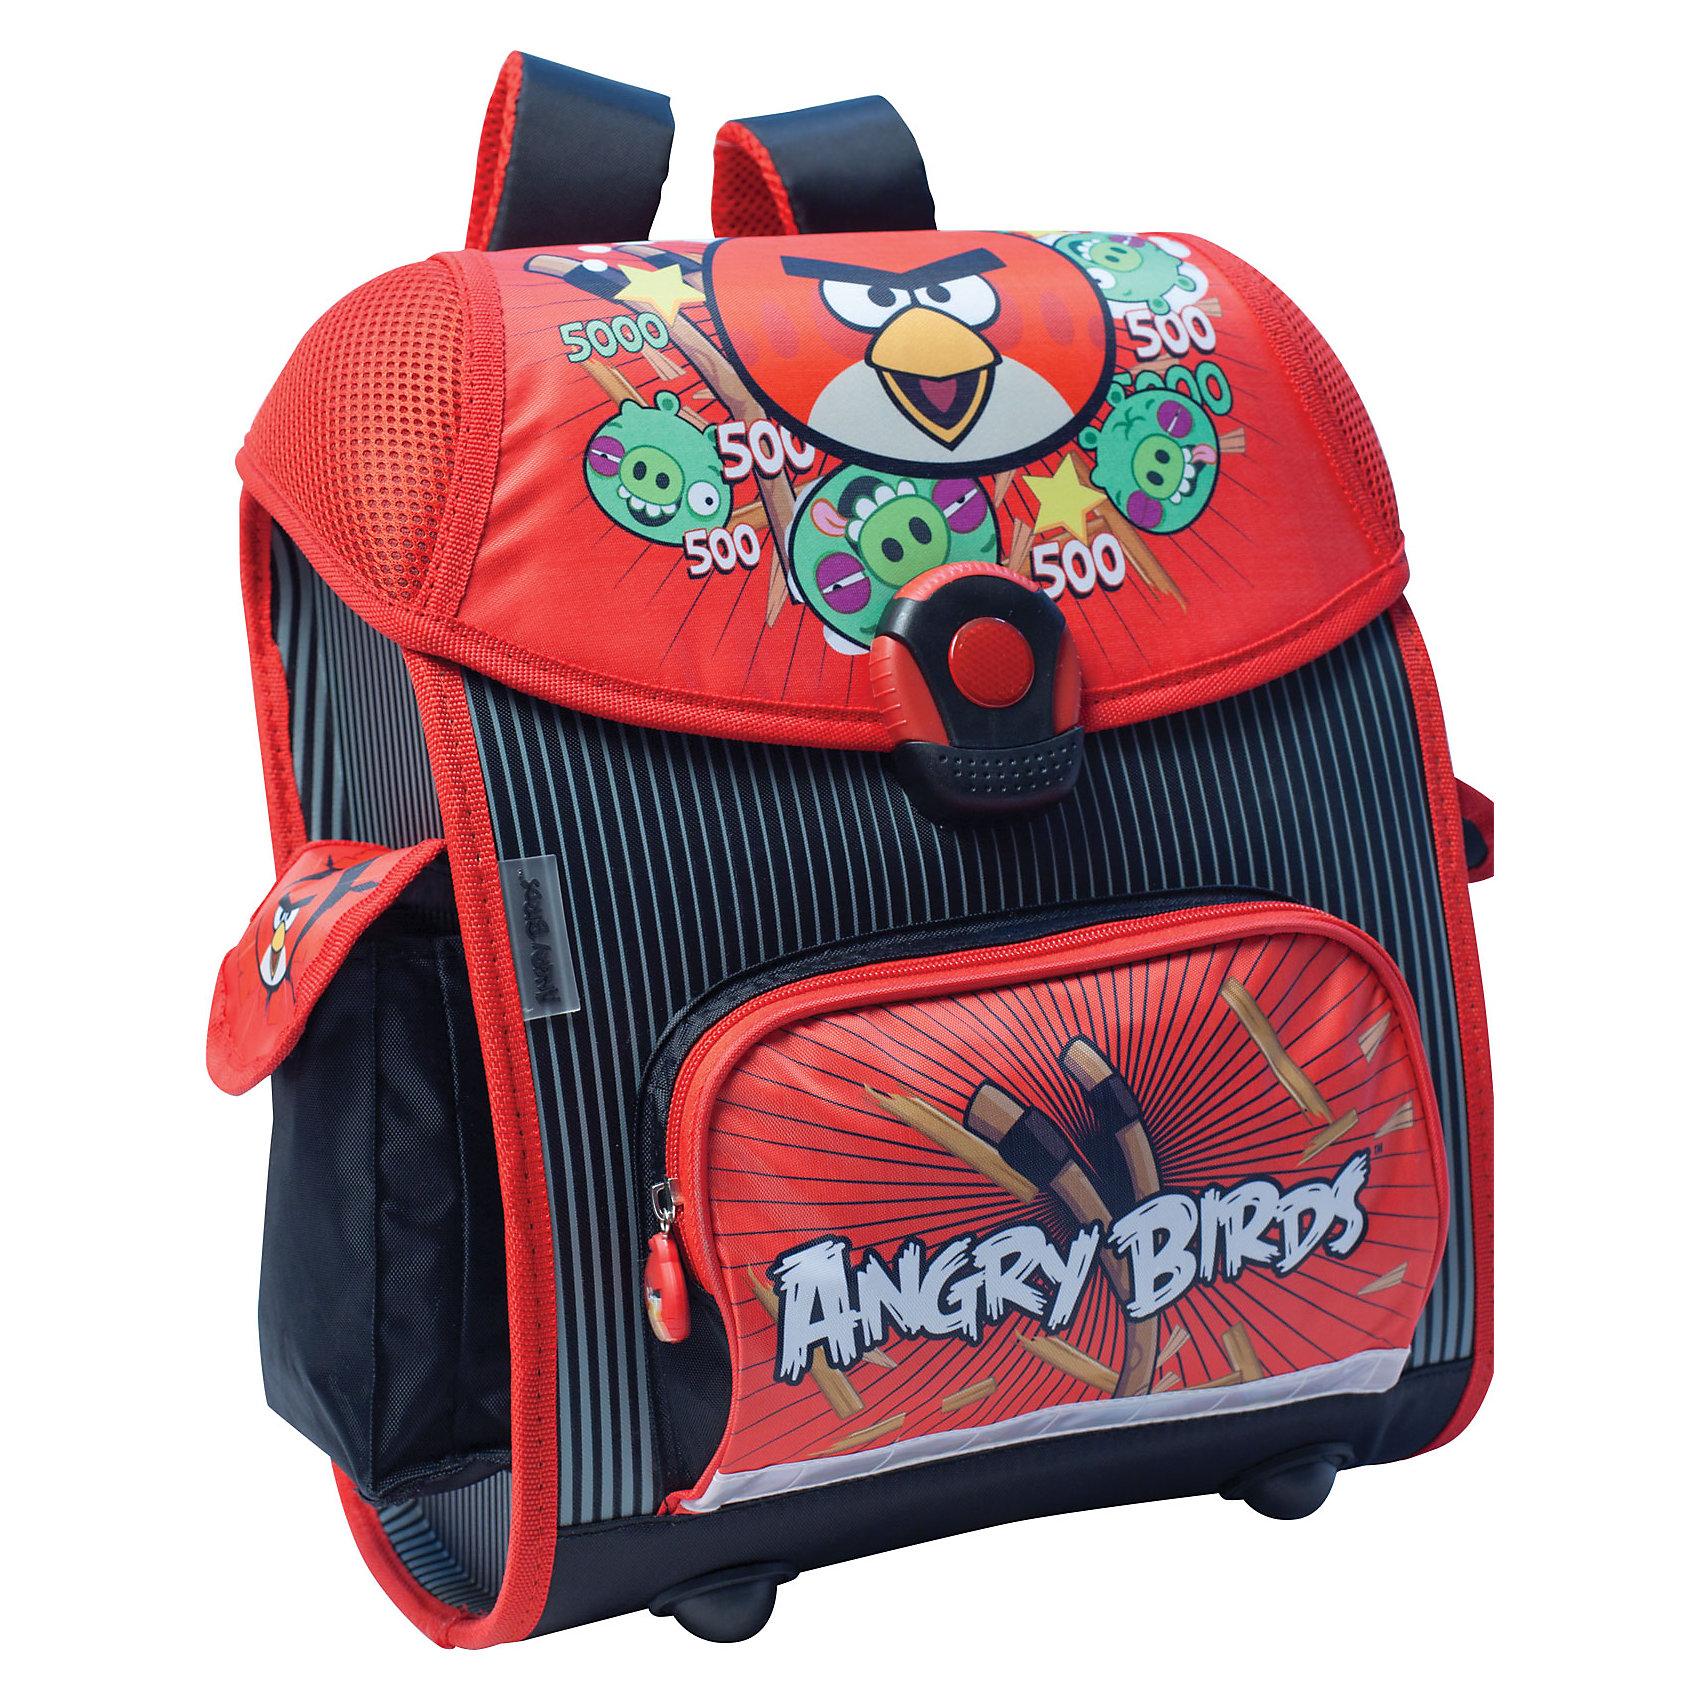 Школьный ранец Euro box с ортопедической спинкой, Angry BirdsРанец Euro box, EVA с ортопедической спинкой, Angry Birds – это удобный, надежный, долговечный, а главное - безопасный ранец.<br>Ранец Euro box популярная в Европе модель ранца для начальной школы. Модные дизайнерские решения с применением безопасных материалов прекрасно подойдут для каждого ребенка. Все элементы ранца продуманы до мелочей с максимальным комфортом для малыша. Жесткий корпус обеспечивает максимальную прочность конструкции. Ортопедическая спинка помогает равномерно распределить вес ранца. Прочное дно оборудовано ножками. Широкие уплотненные регулируемые лямки позволяют адаптировать ранец к изменению роста ребенка. У ранца 2 отделения, внутренний карман на молнии, карман на липучке и кармашек для визитки, большой передний карман на молнии и два боковых кармана для удобной системы хранения. Светоотражающие полосы и удобный замок со светоотражающей вставкой позволяют хорошо видеть ребенка на проезжей части в темное время суток и в сумерках.<br><br>Дополнительная информация:<br><br>- Размер: 37 х 33 х 22 см.<br>- Вес: 930 гр.<br>- Цвет: красный<br><br>Ранец Euro box, EVA с ортопедической спинкой, Angry Birds можно купить в нашем интернет-магазине.<br><br>Ширина мм: 370<br>Глубина мм: 310<br>Высота мм: 20<br>Вес г: 1375<br>Возраст от месяцев: 48<br>Возраст до месяцев: 96<br>Пол: Унисекс<br>Возраст: Детский<br>SKU: 3986182